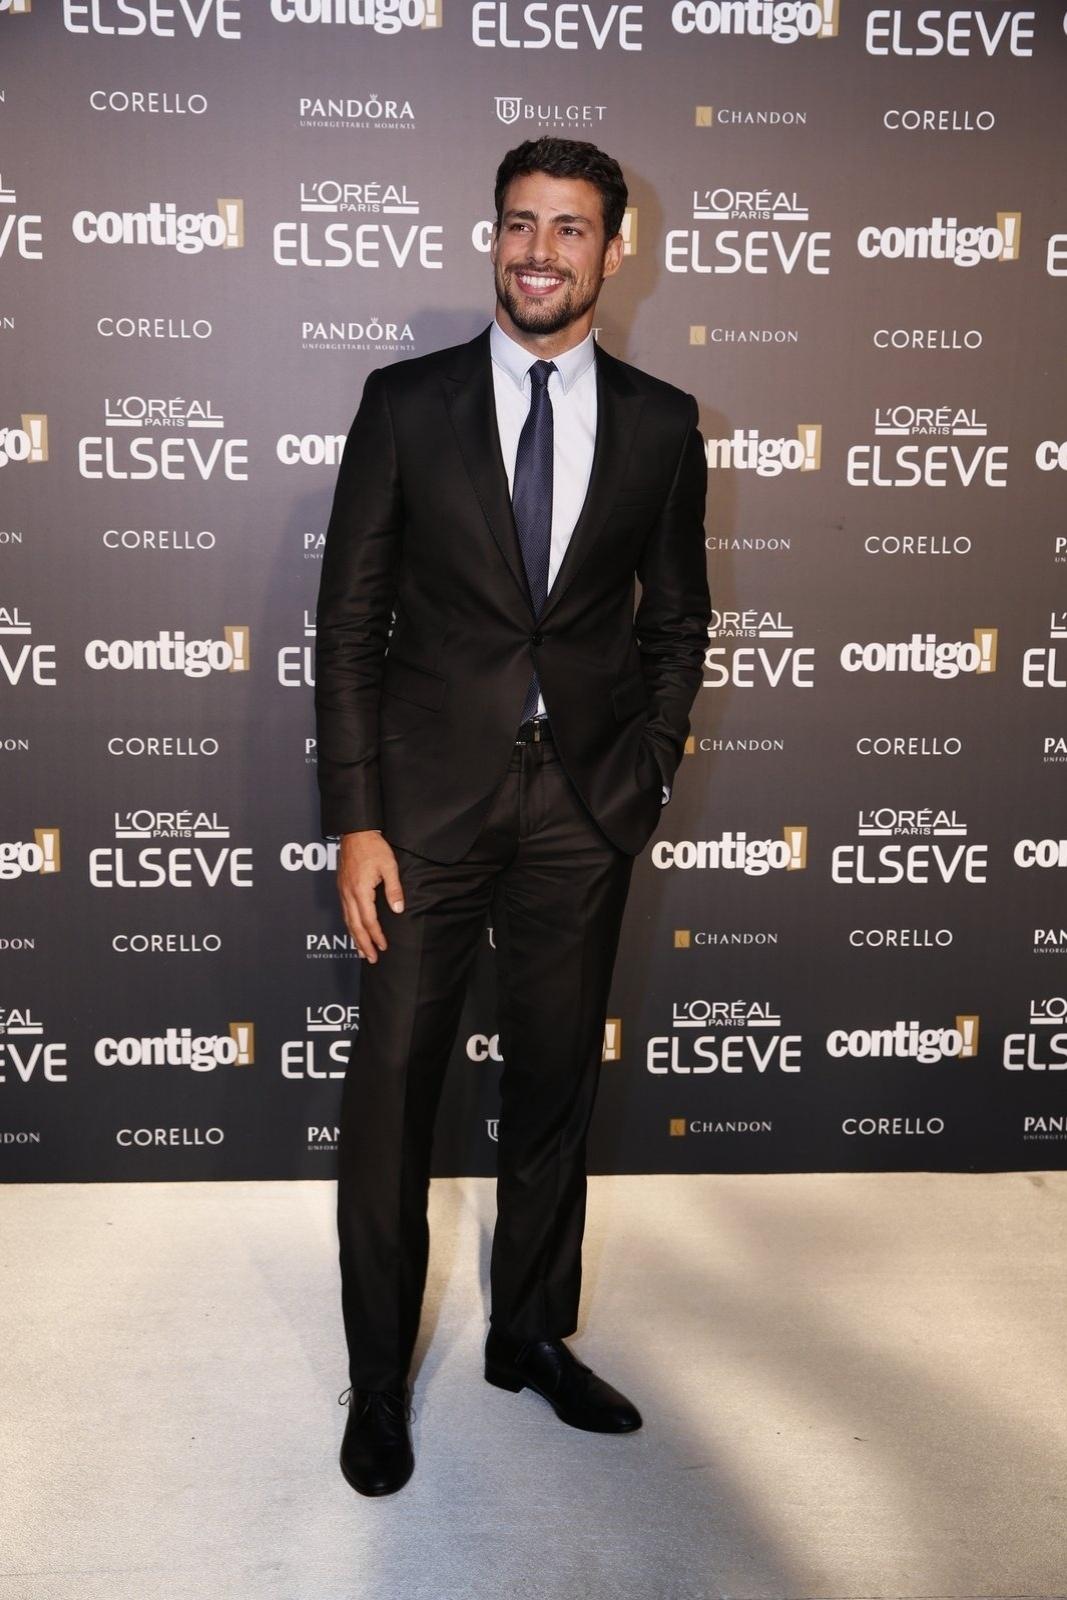 28.jul.2014 - O ator Cauã Reymond prestigou a 16ª edição do Prêmio Contigo! de TV, realizado no hotel Copacabana Palace, no Rio. Ele concorreu ao troféu de melhor ator de minissérie por